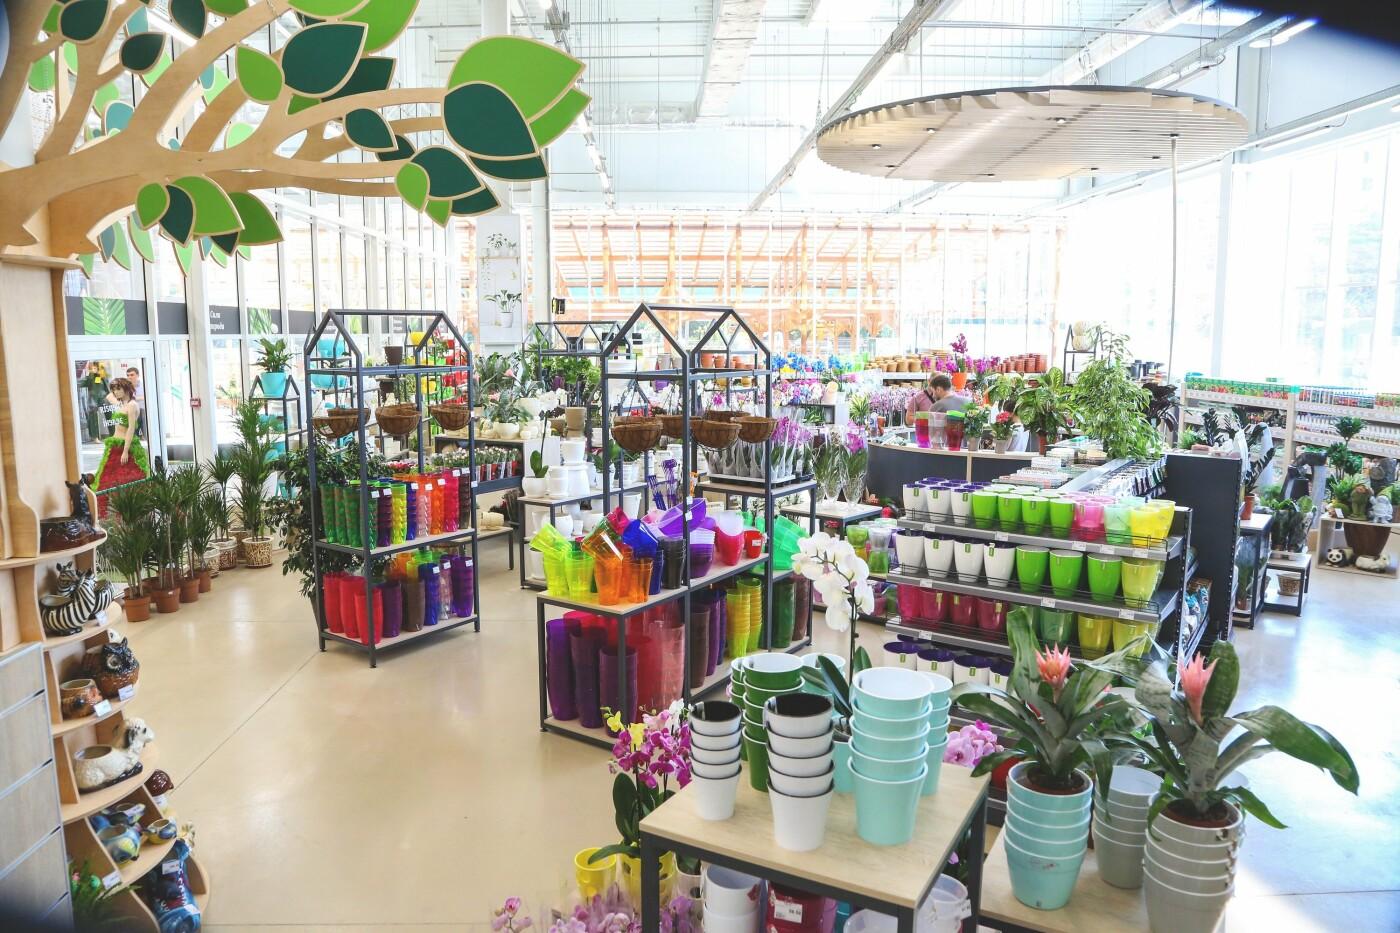 У Донецькій області відкривається сучасний торговий центр «Епіцентр», фото-3